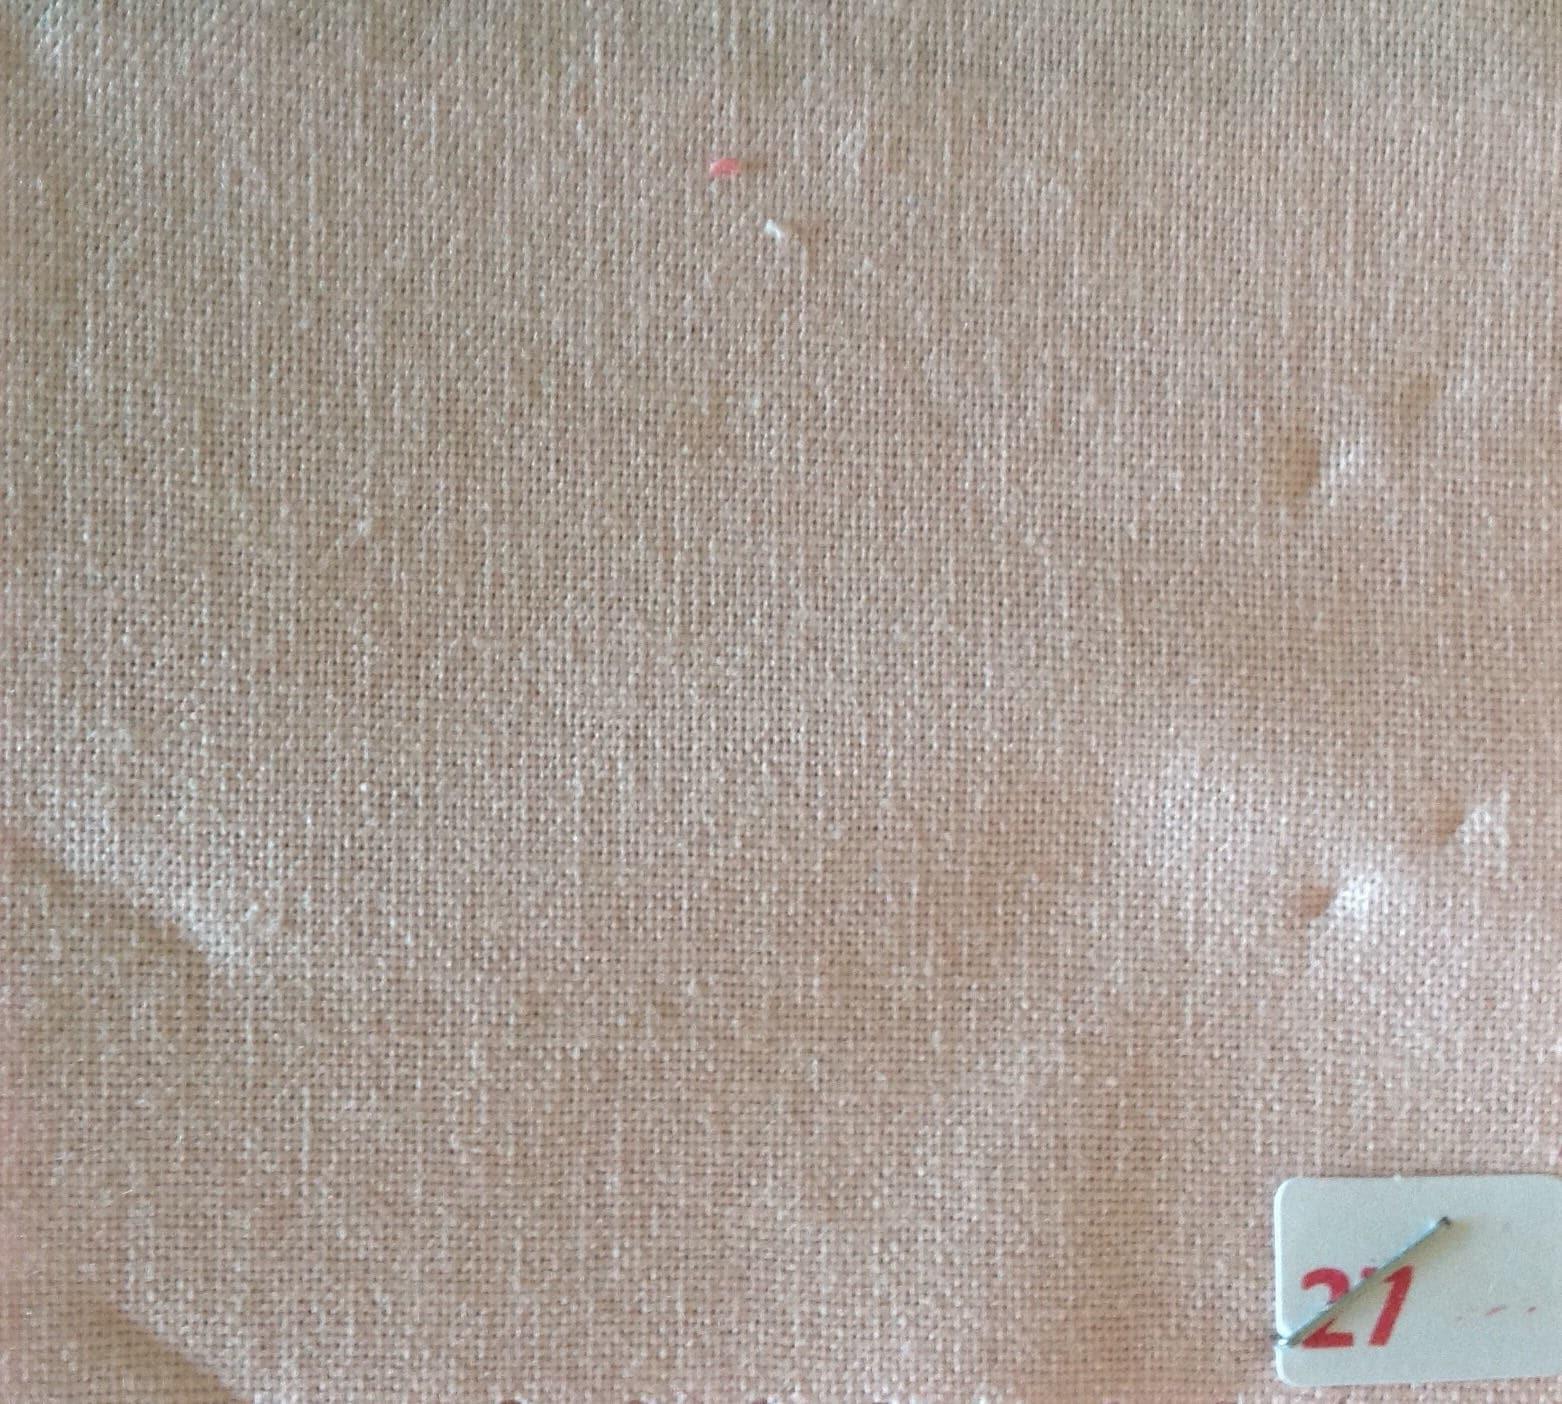 tissu coton uni japonais couleur saumon clair no27 etsy. Black Bedroom Furniture Sets. Home Design Ideas